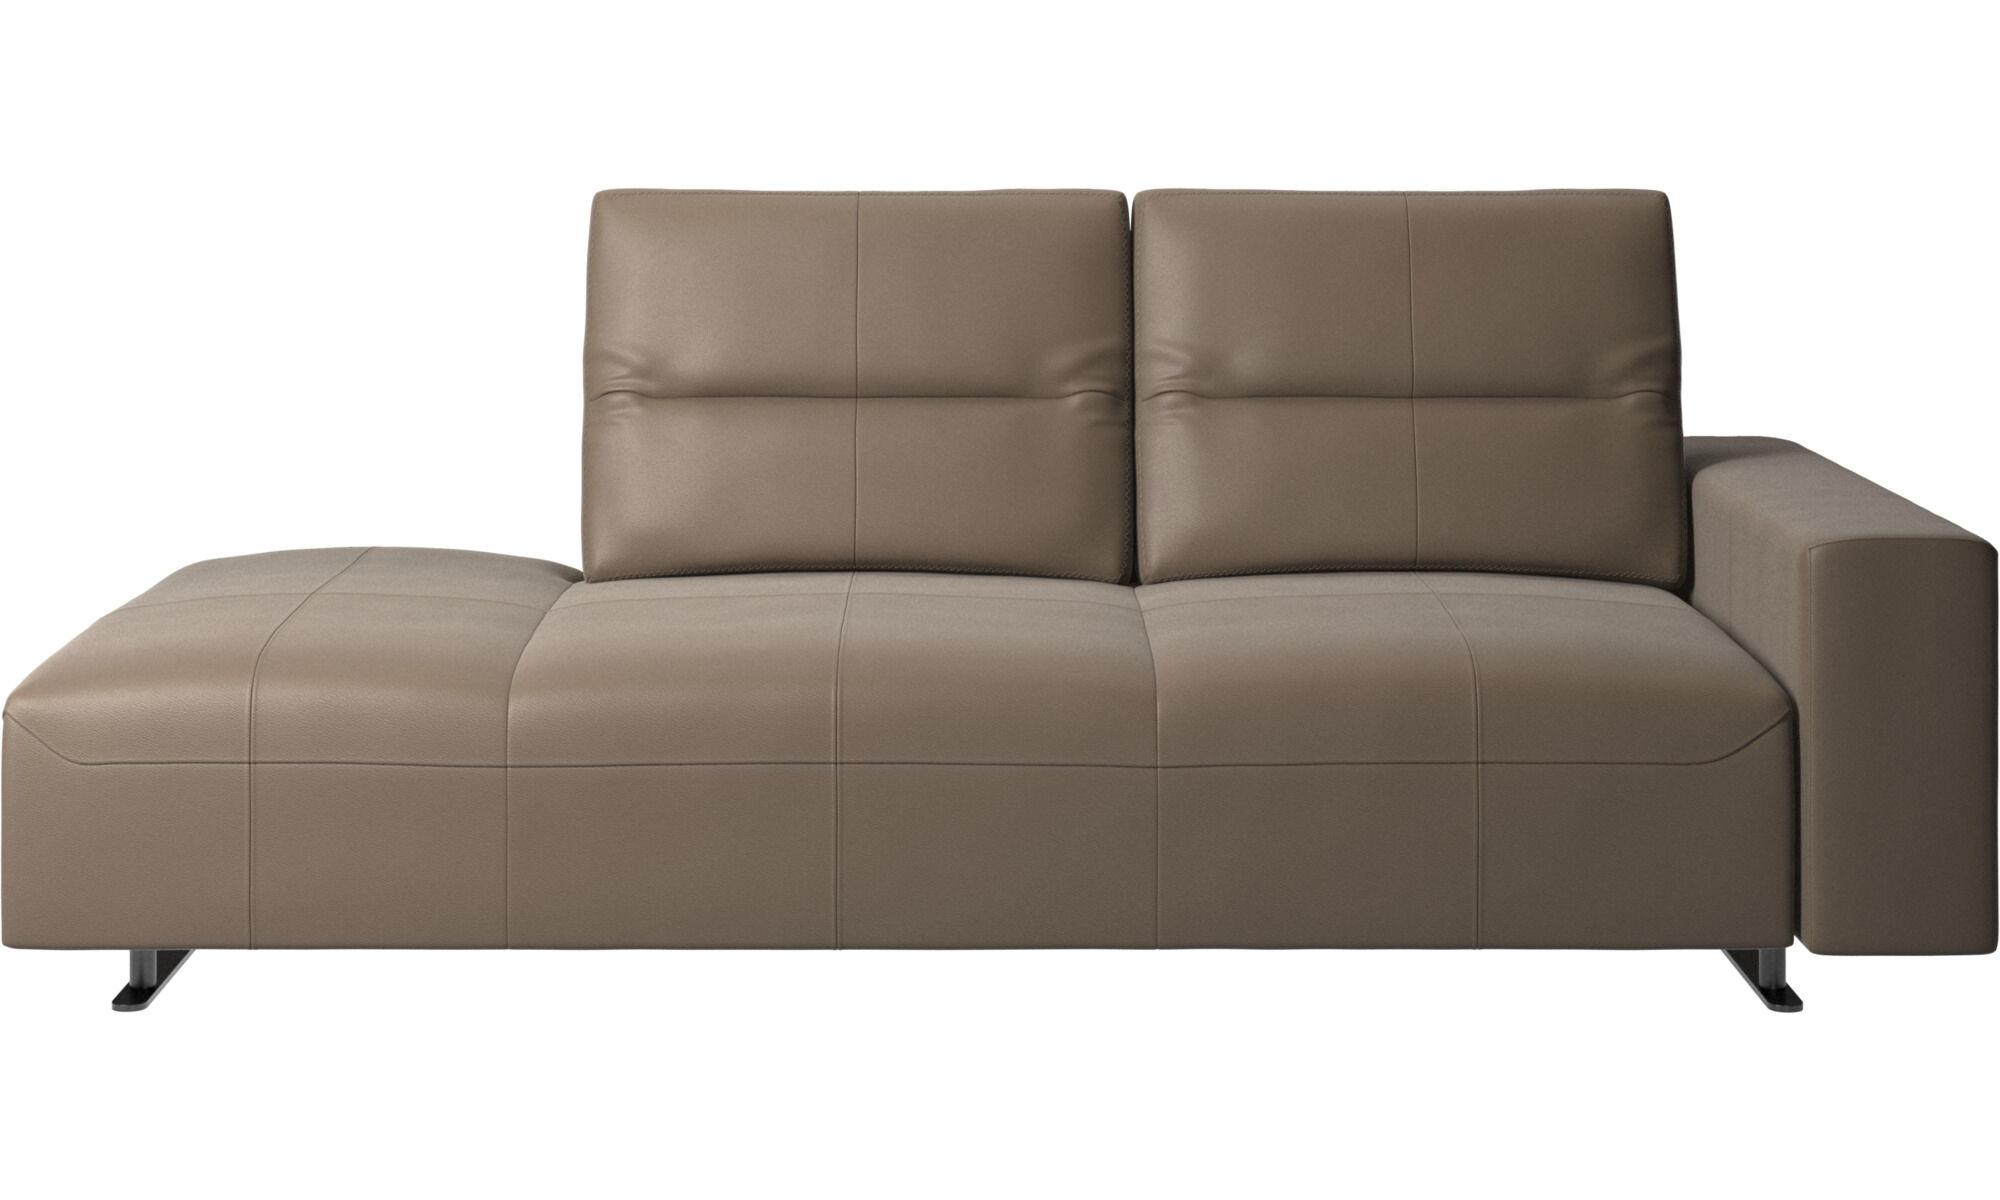 Lounge Sofas   Hampton Sofa Mit Verstellbarem Rücken  Und Loungemodul Auf  Der Linken Seite,